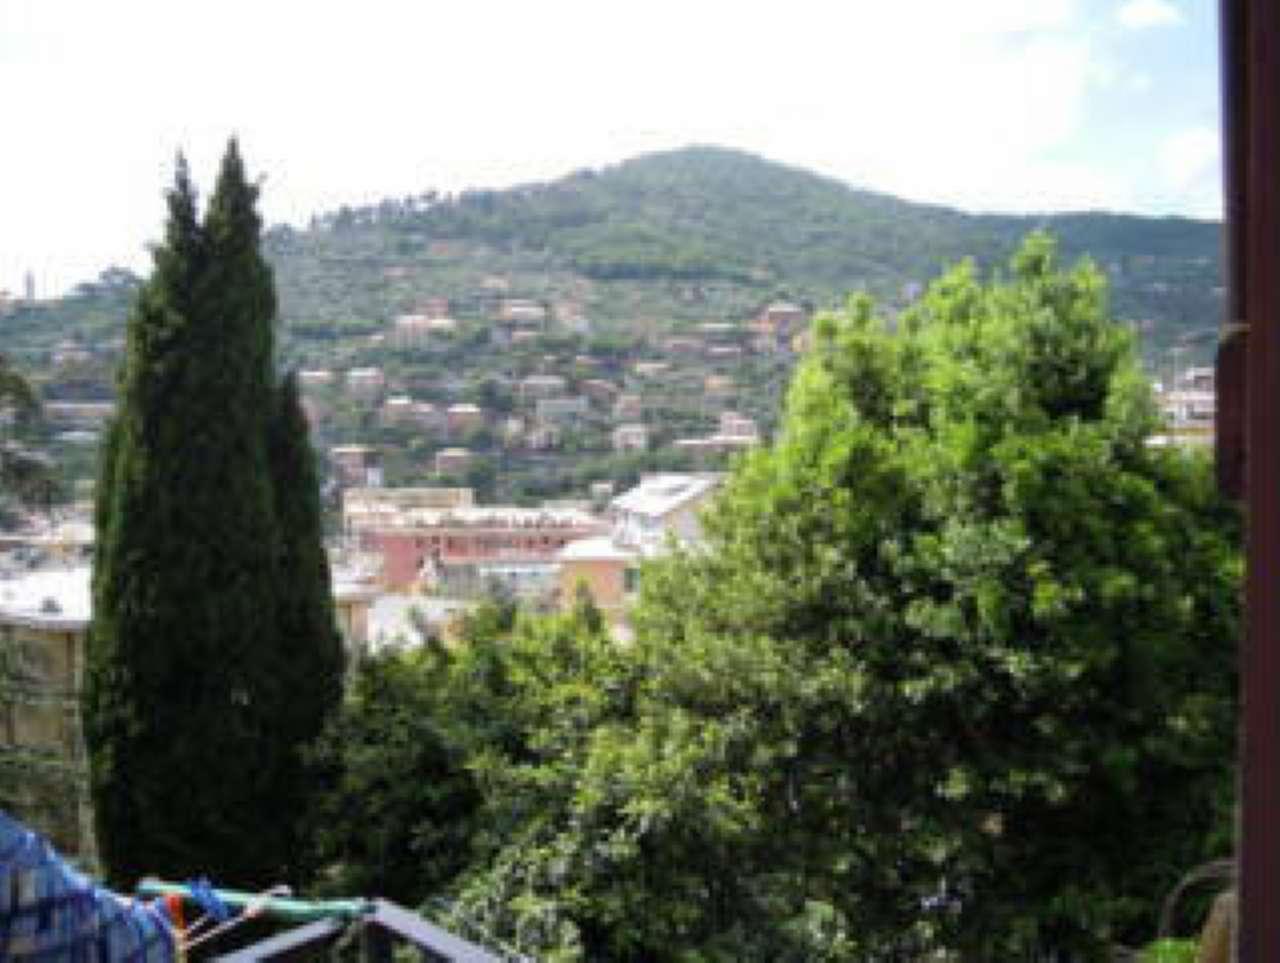 Appartamento in vendita a Recco, 5 locali, prezzo € 135.000 | PortaleAgenzieImmobiliari.it